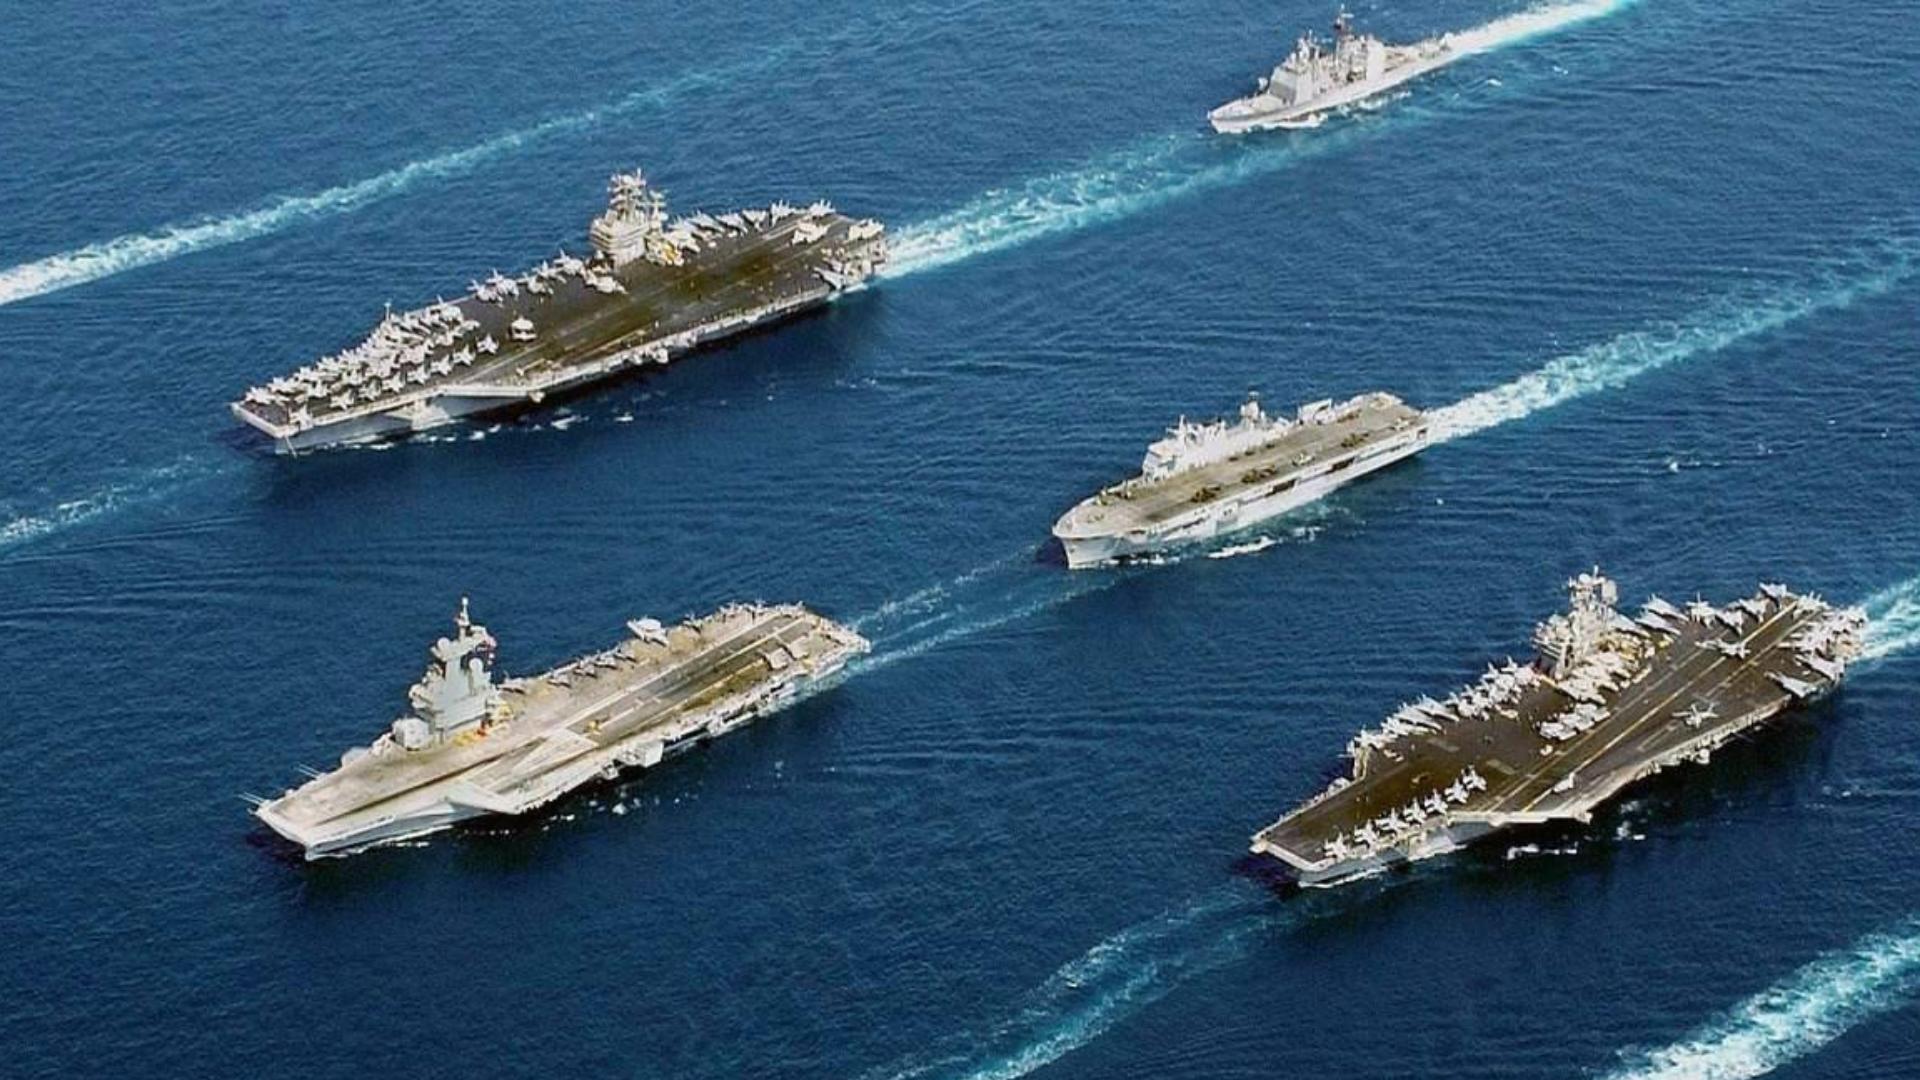 这是西班牙人与美国航母战斗群的一次霸气对话